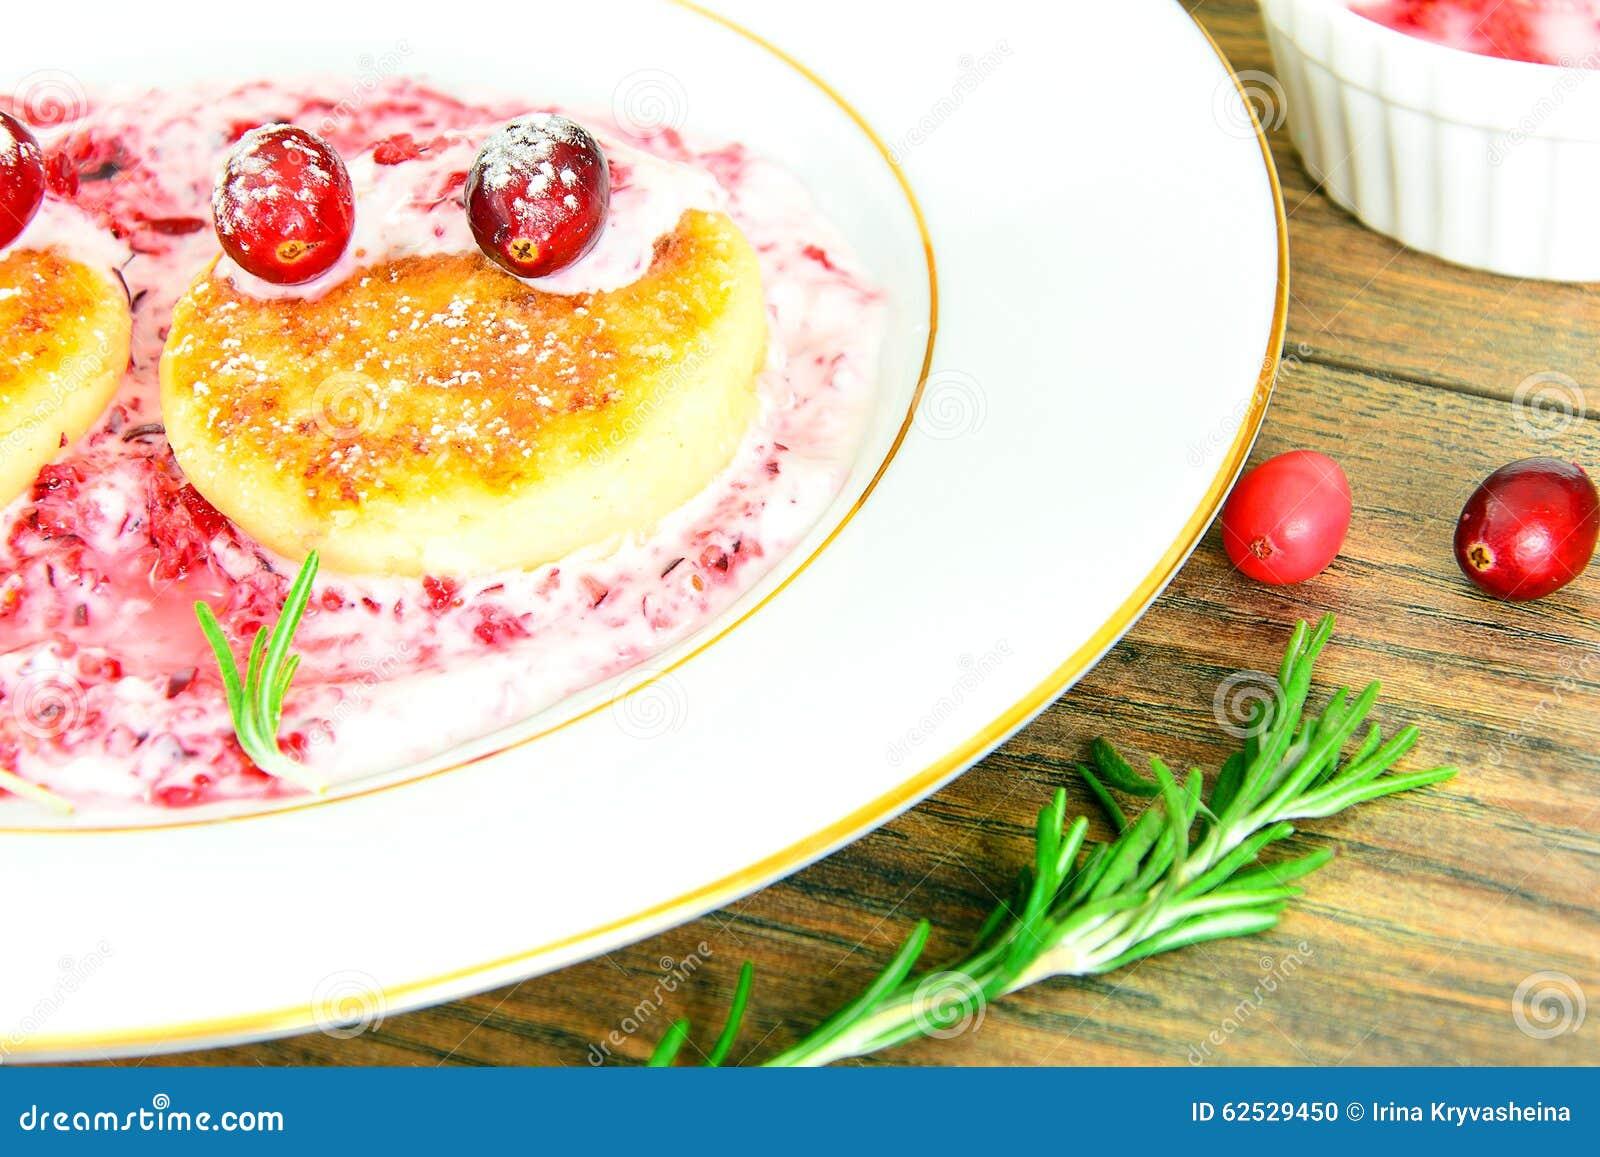 鲜美和健康食物:可口乳酪蛋糕与